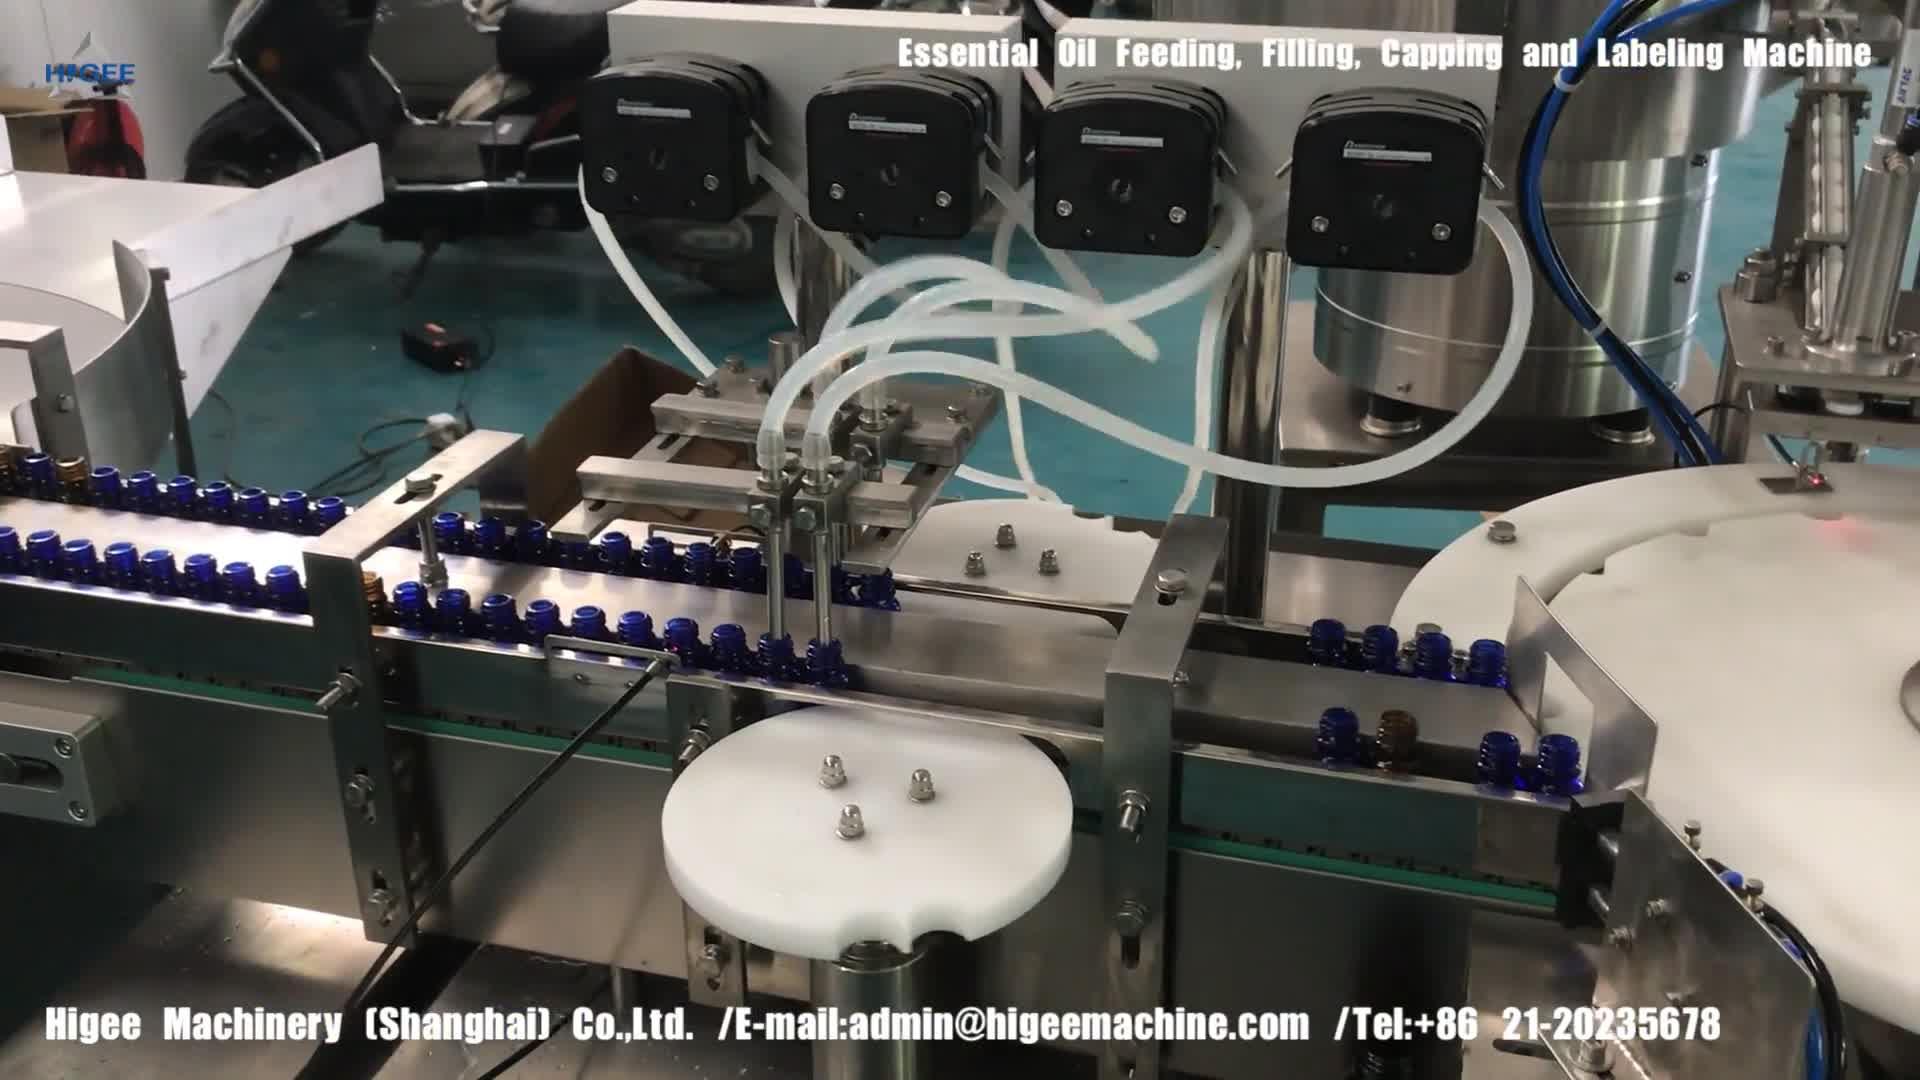 อัตโนมัติขนาดเล็กขวด liquid filling capping และเครื่องติดฉลากขวดบรรจุเครื่องบรรจุสายการผลิตสำหรับบรรจุขวด